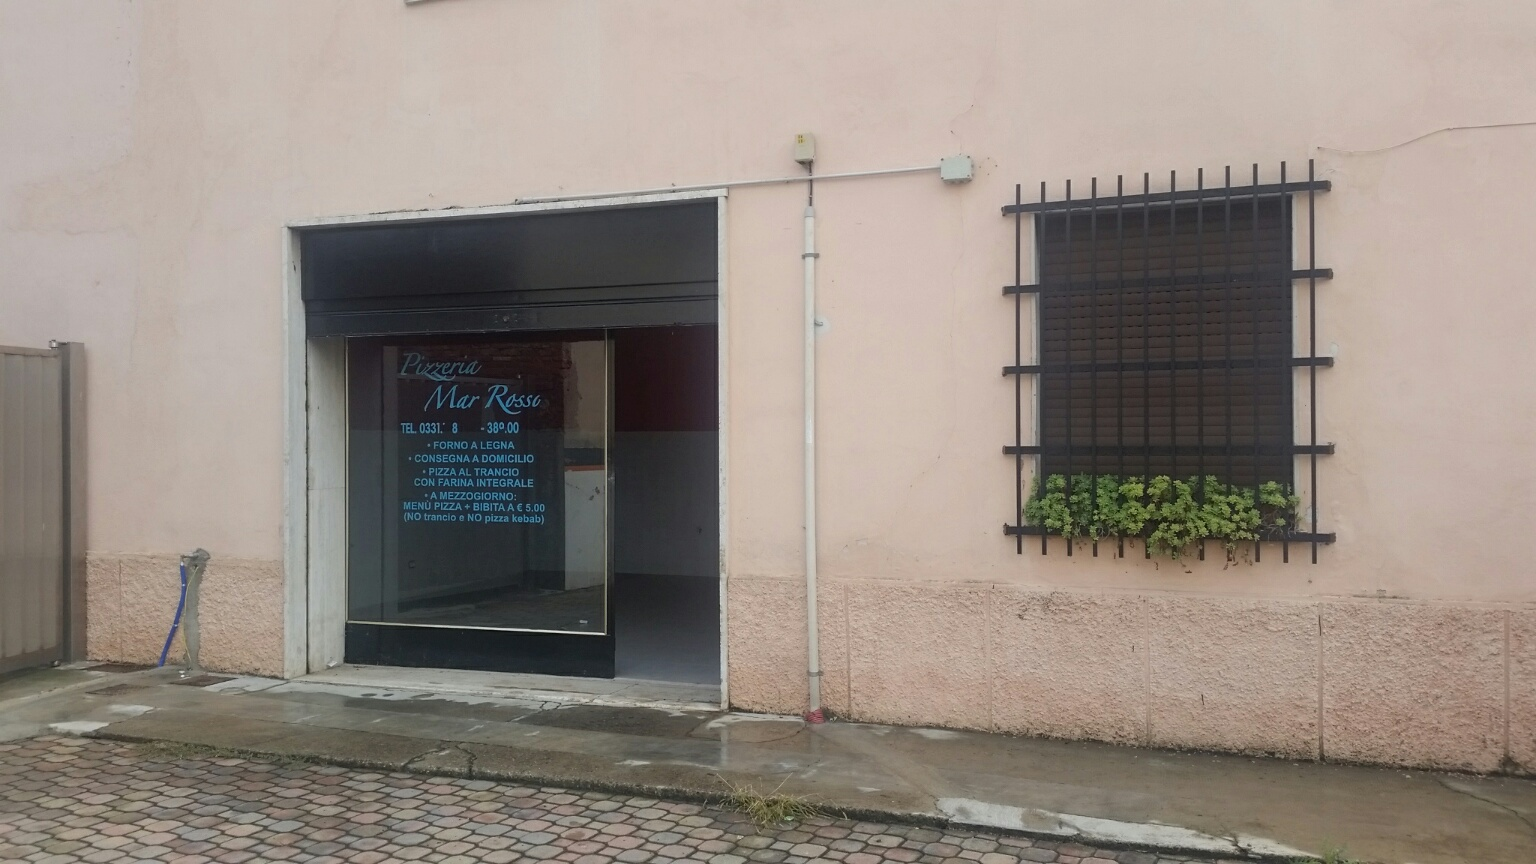 Negozio / Locale in affitto a Parabiago, 9999 locali, zona Zona: Villastanza, prezzo € 600 | Cambio Casa.it